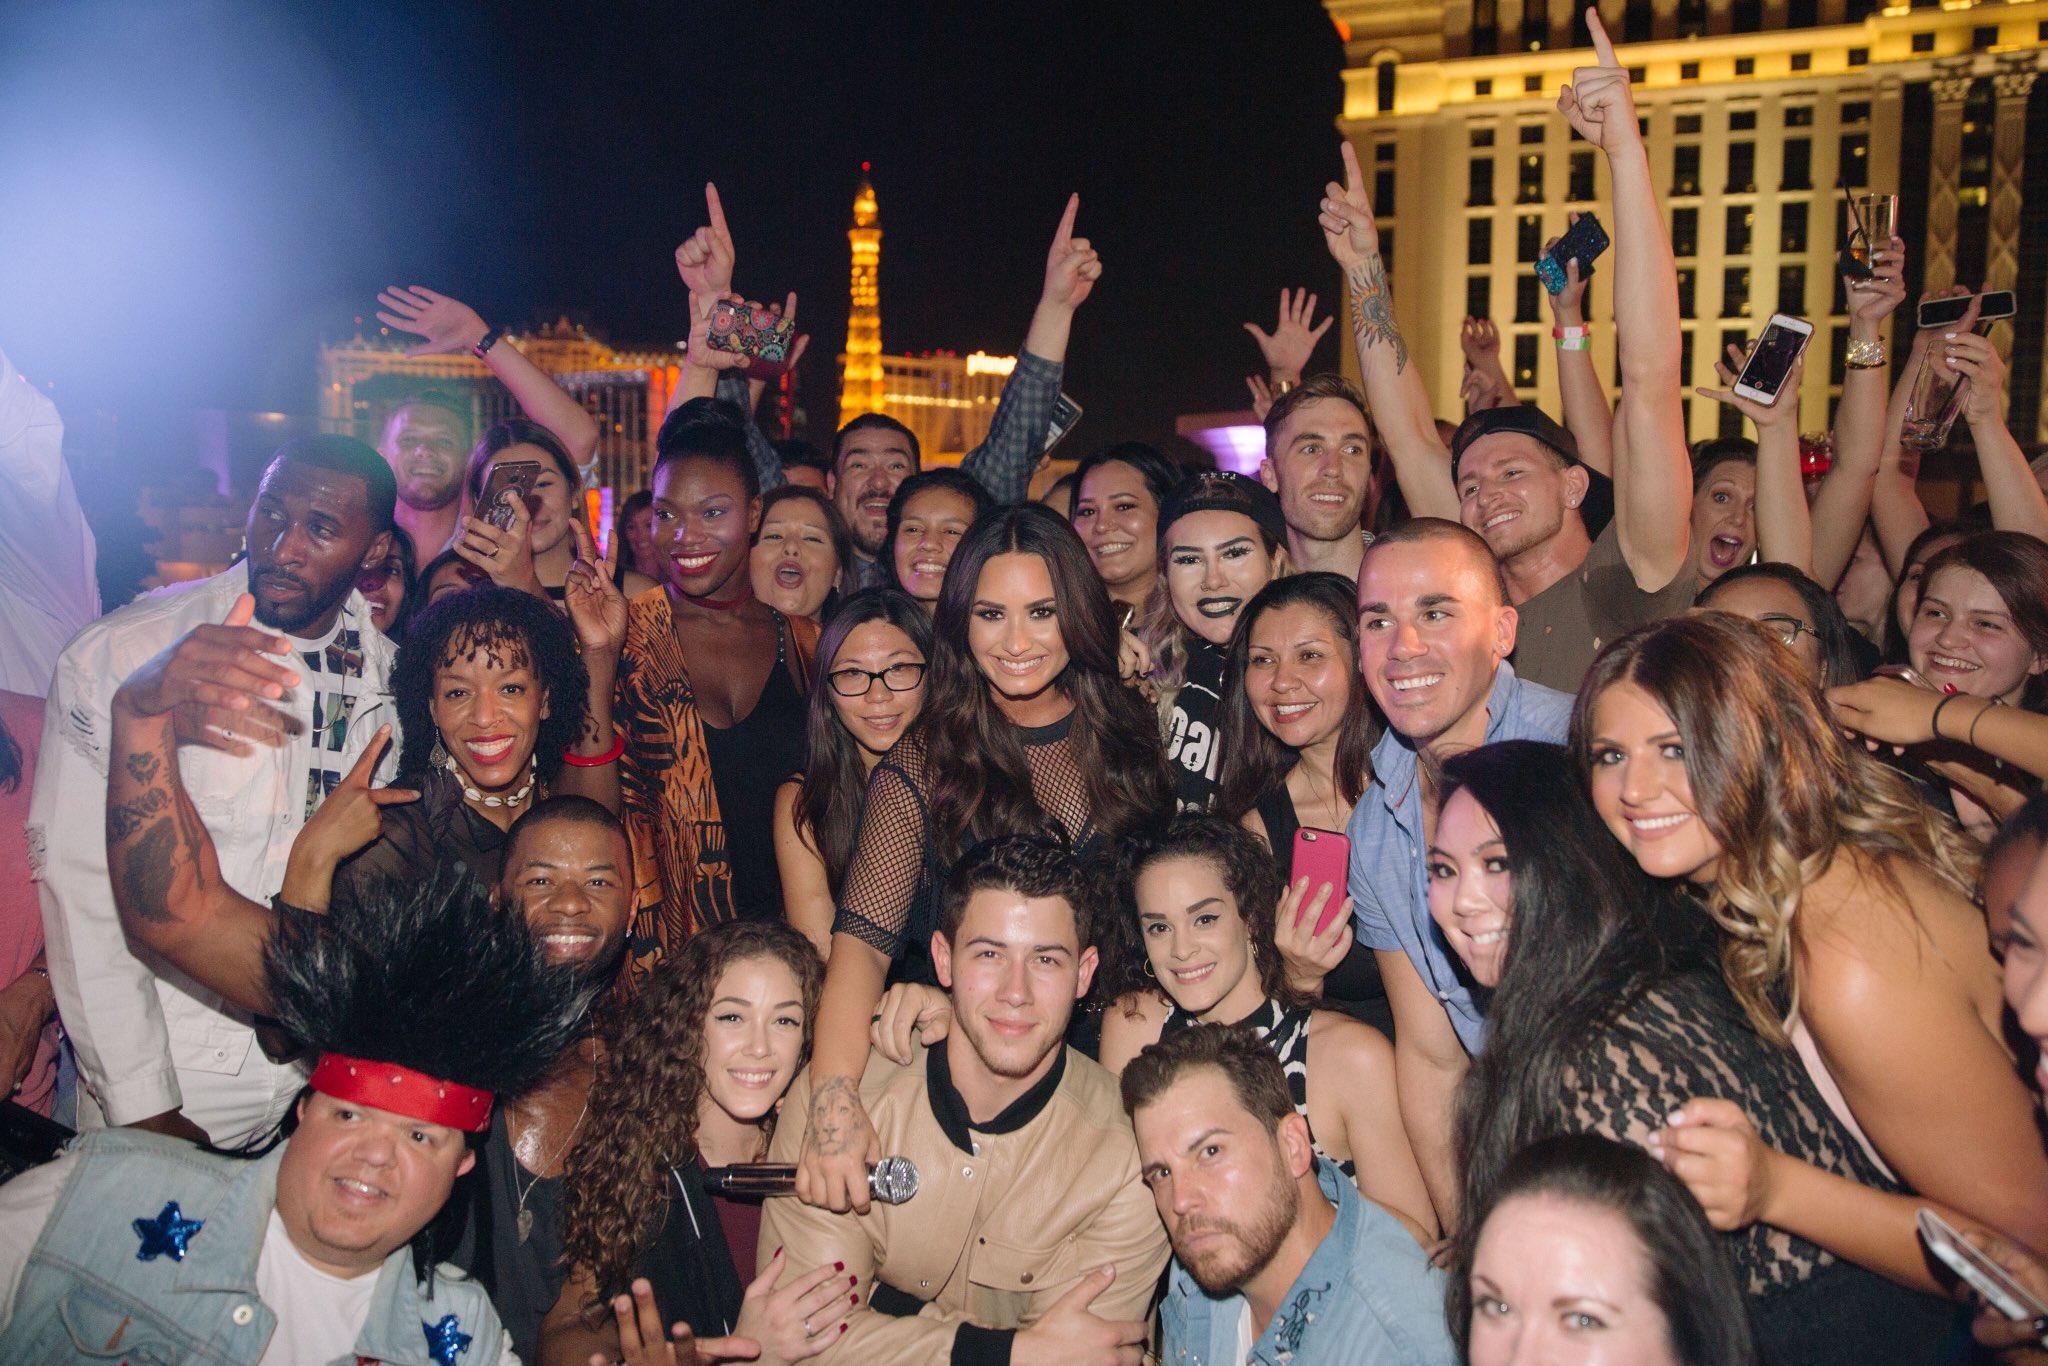 Vegas!! So much fun with you tonight �� #SNSHouseParty https://t.co/uO6m8UbYAO https://t.co/YlNeFyGUlI